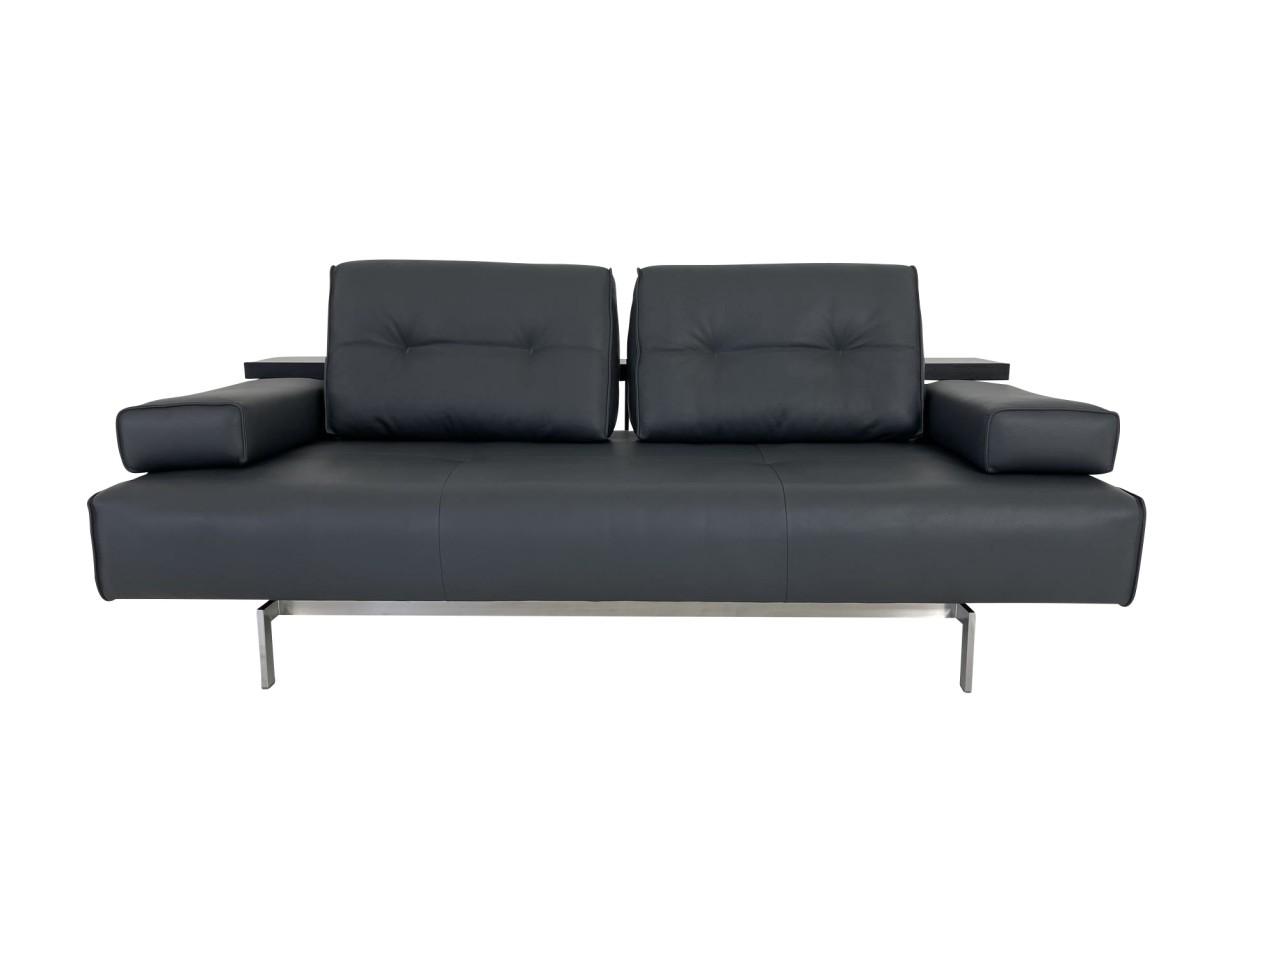 Rolf Benz DONO Lounge 6200 Sofa mit Sitzvorzug in Leder dunkel schwarzgrau und Reling Eiche schwarz